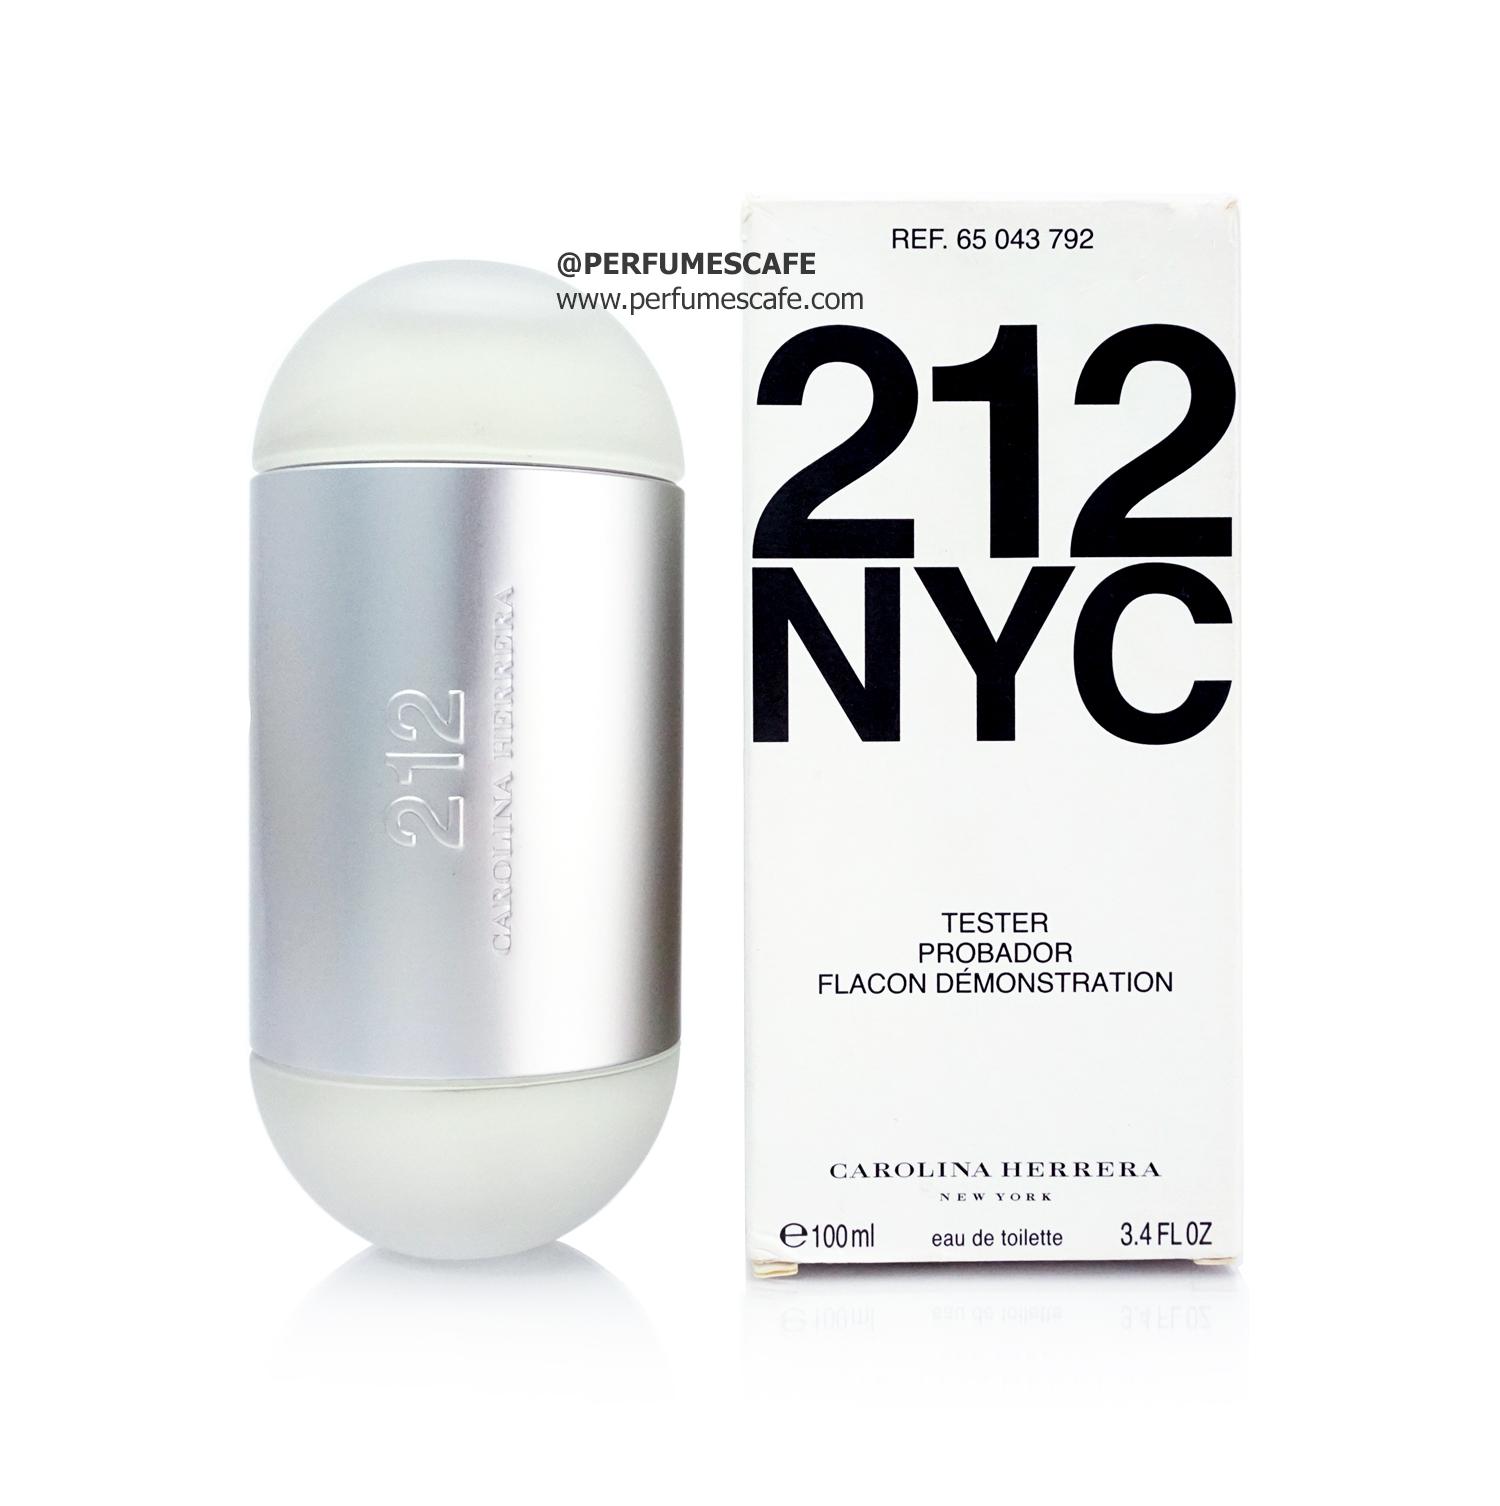 น้ำหอม 212 NYC Carolina Herrera for women ขนาด 100ml กล่องเทสเตอร์